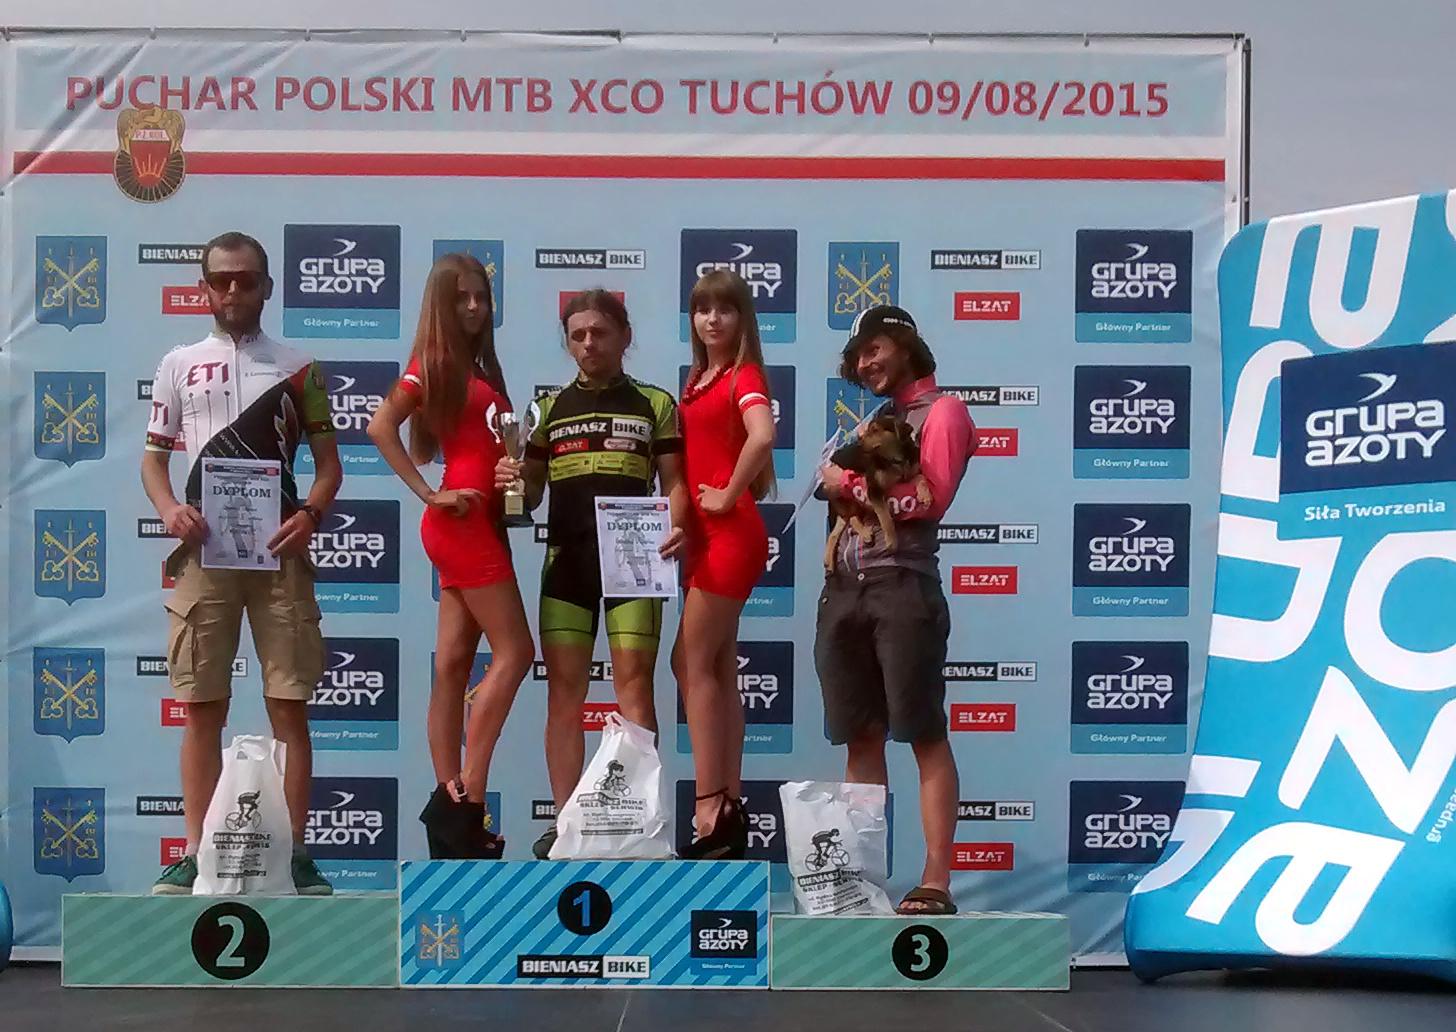 Marek Tyniec (XOUTED.COM) – Puchar Polski XCO – Tuchów